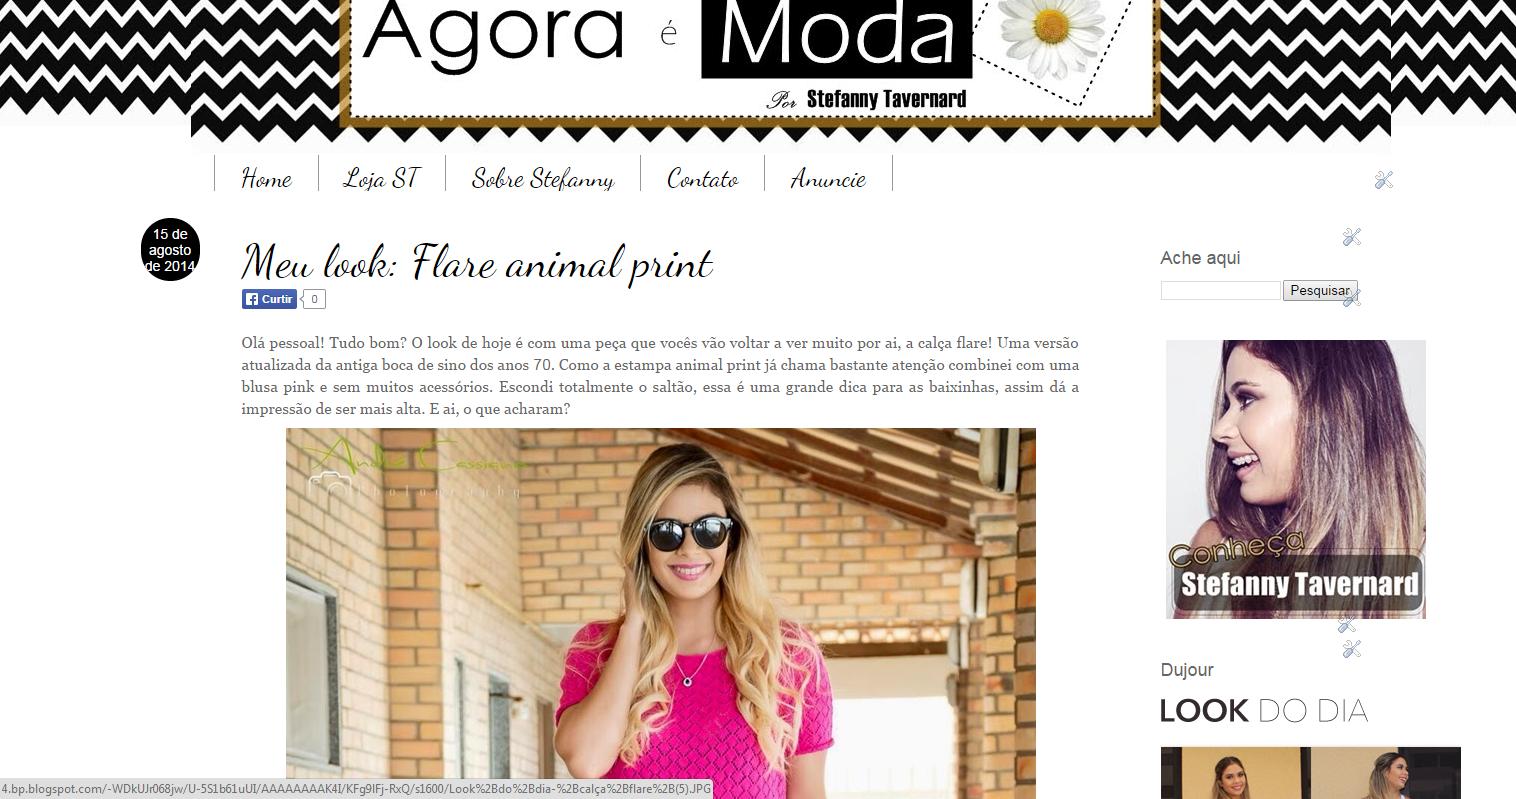 www.agoraemoda.com